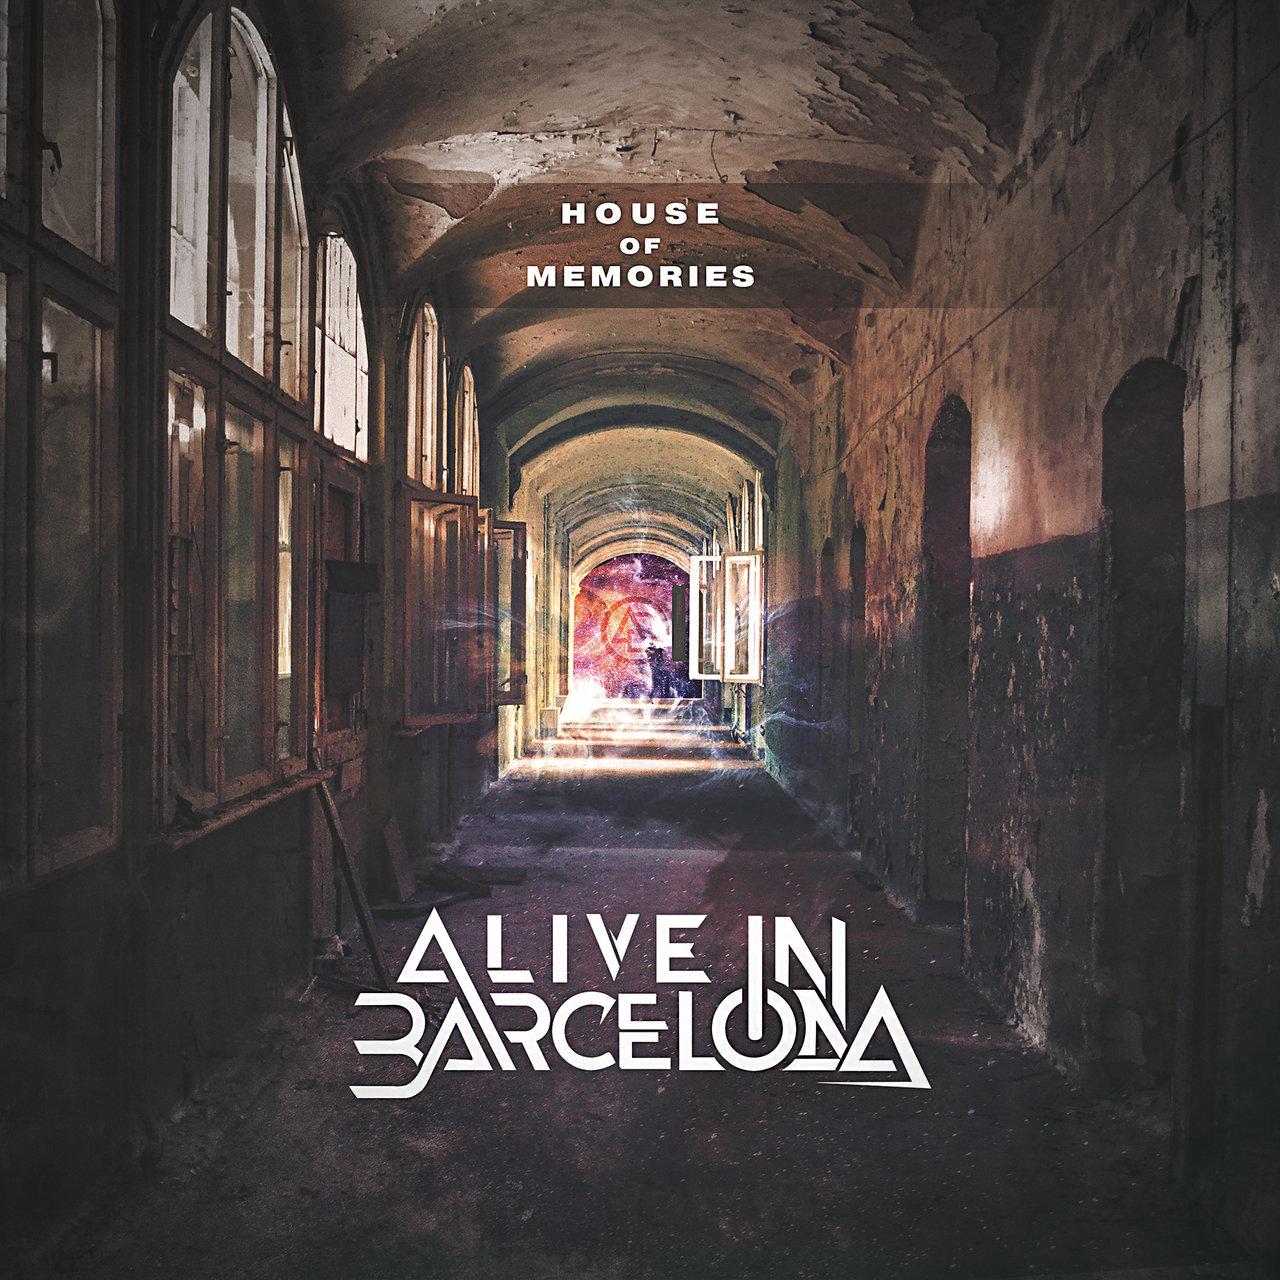 Alive In Barcelona - House of Memories [Single] (2018)